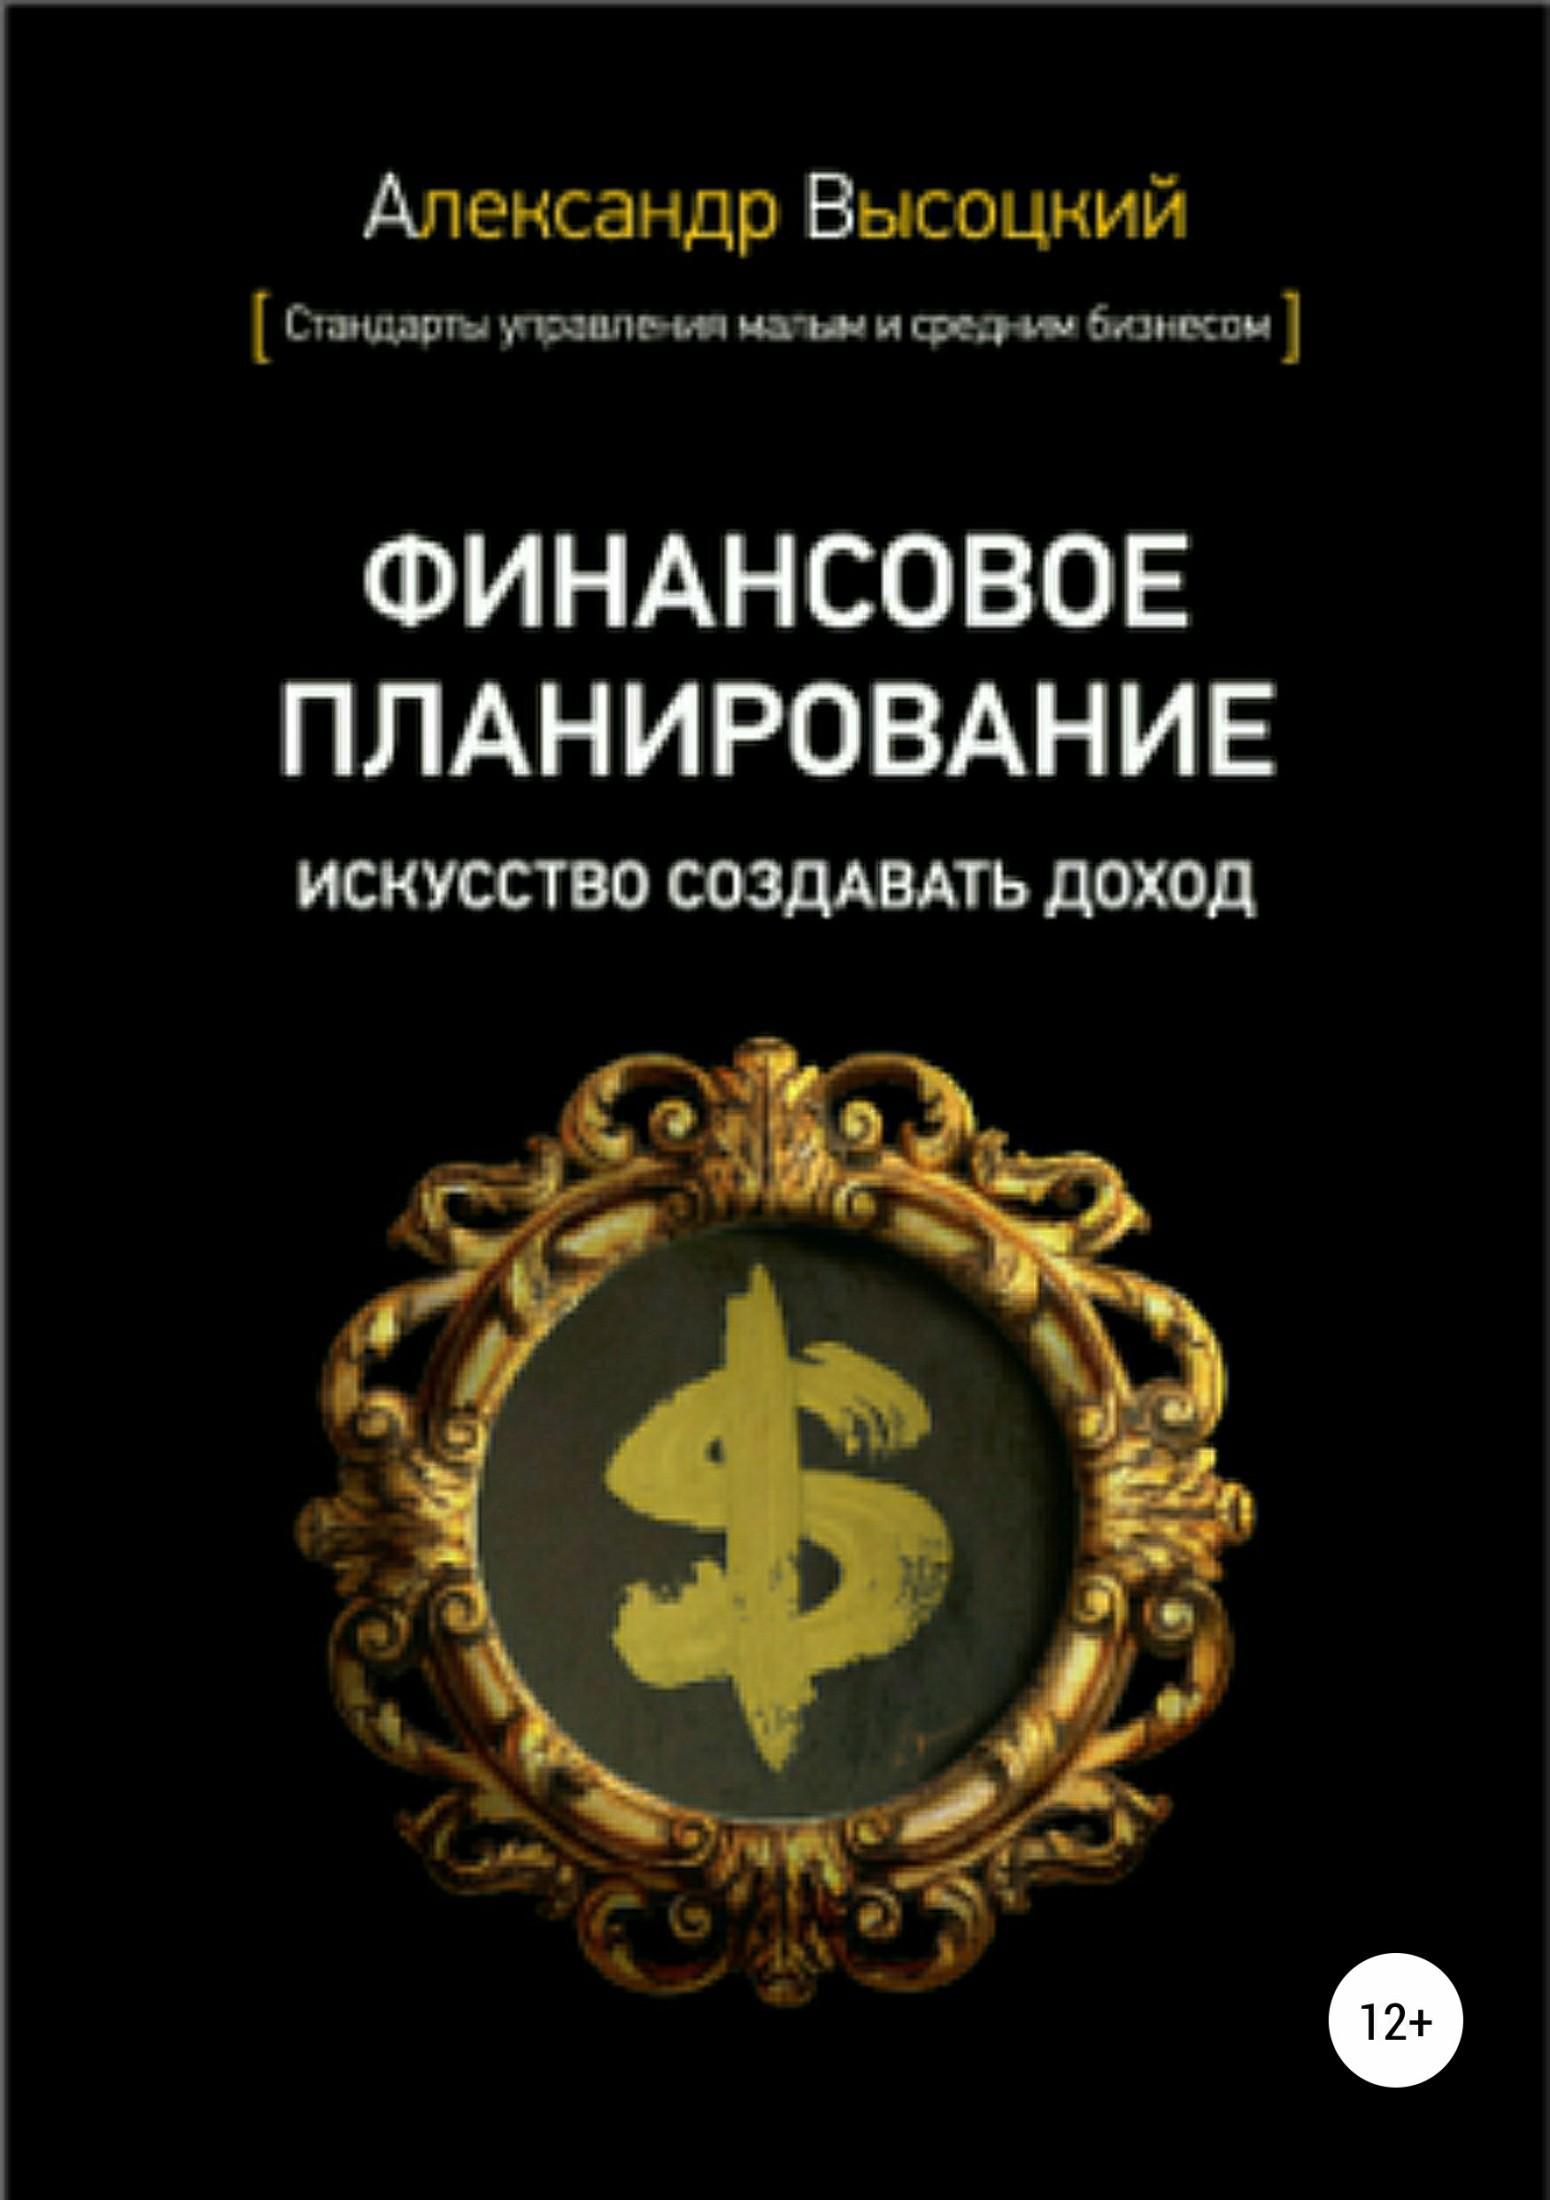 Александр Александрович Высоцкий Финансовое планирование. Искусство создавать доход